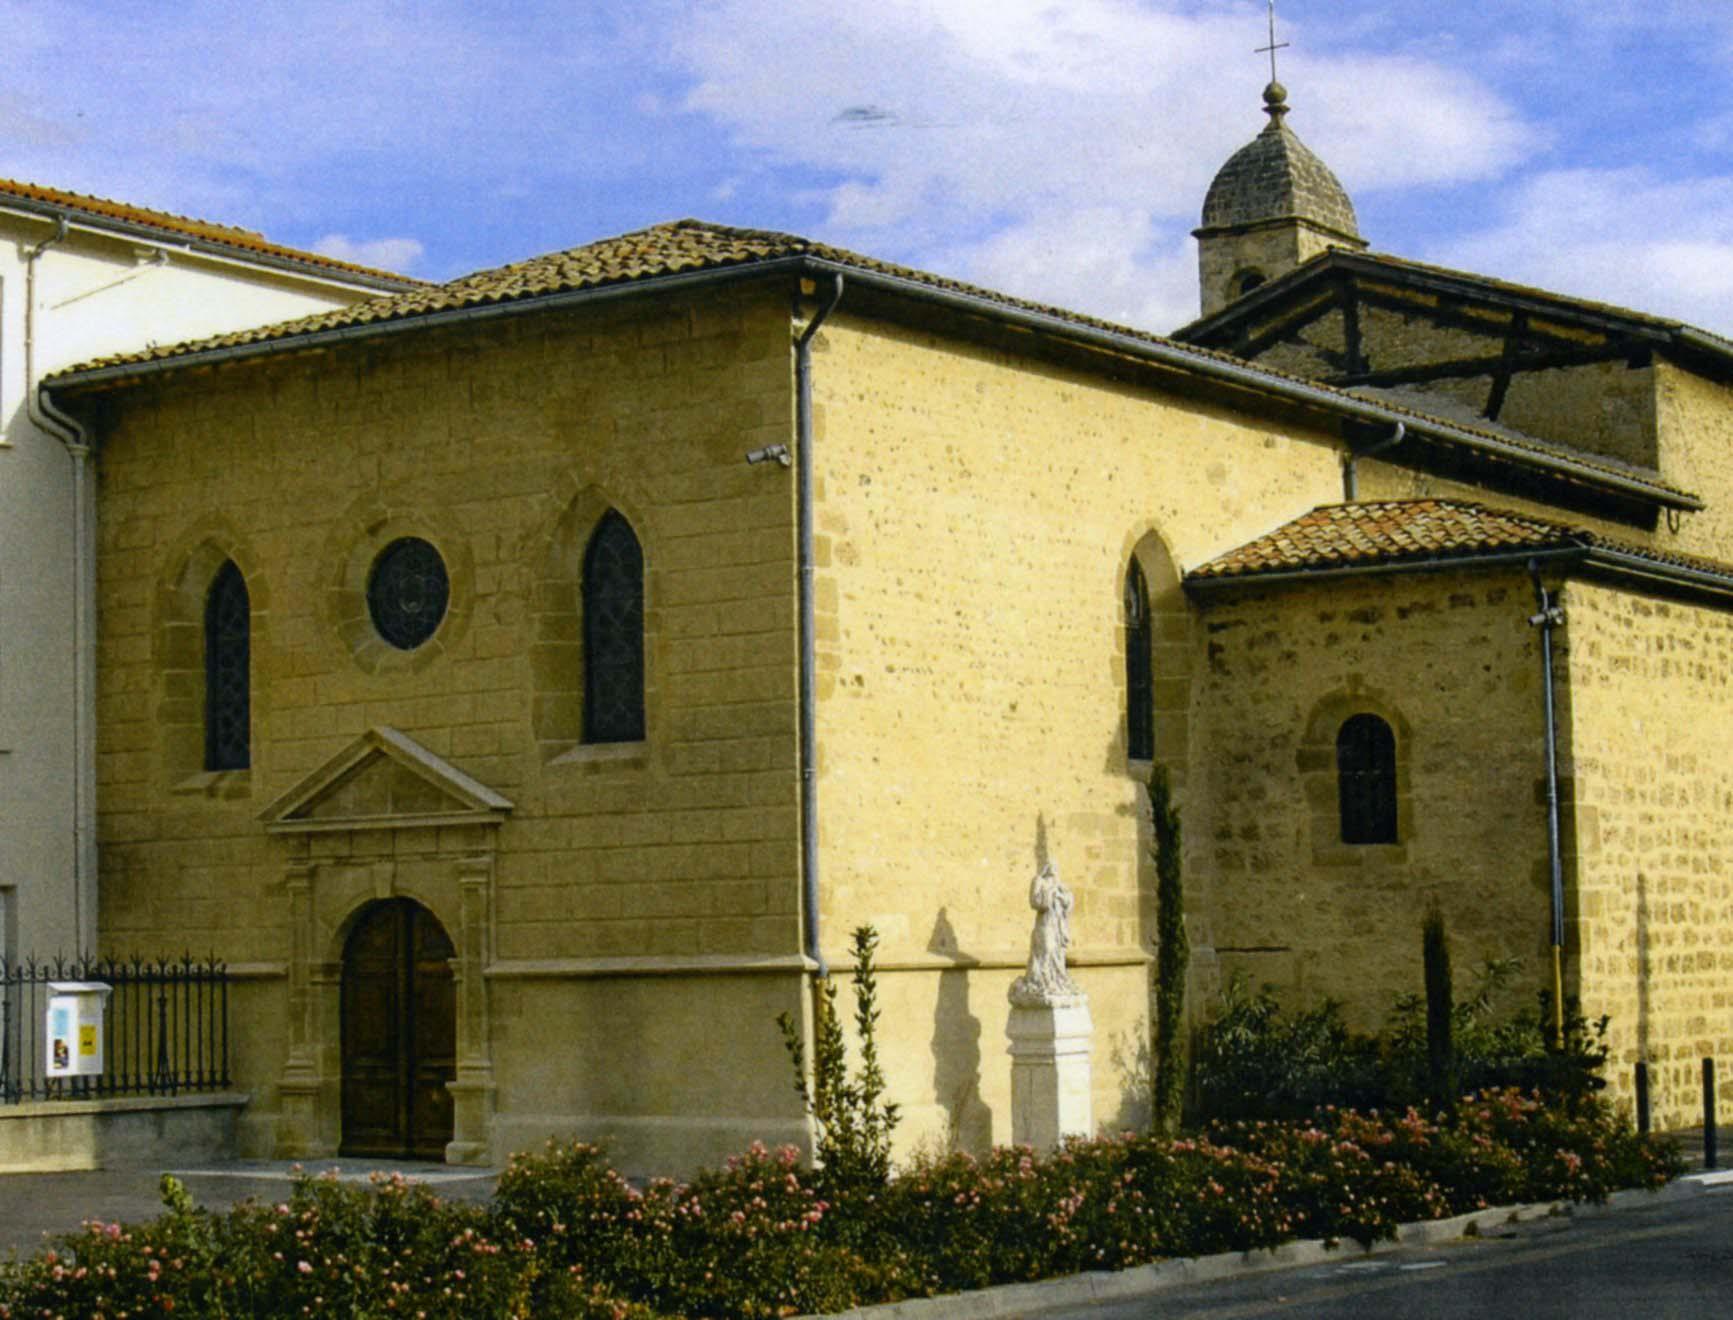 Savoir-faire de maçon et tailleur de pierre (Romans-sur-Isère, Drôme)